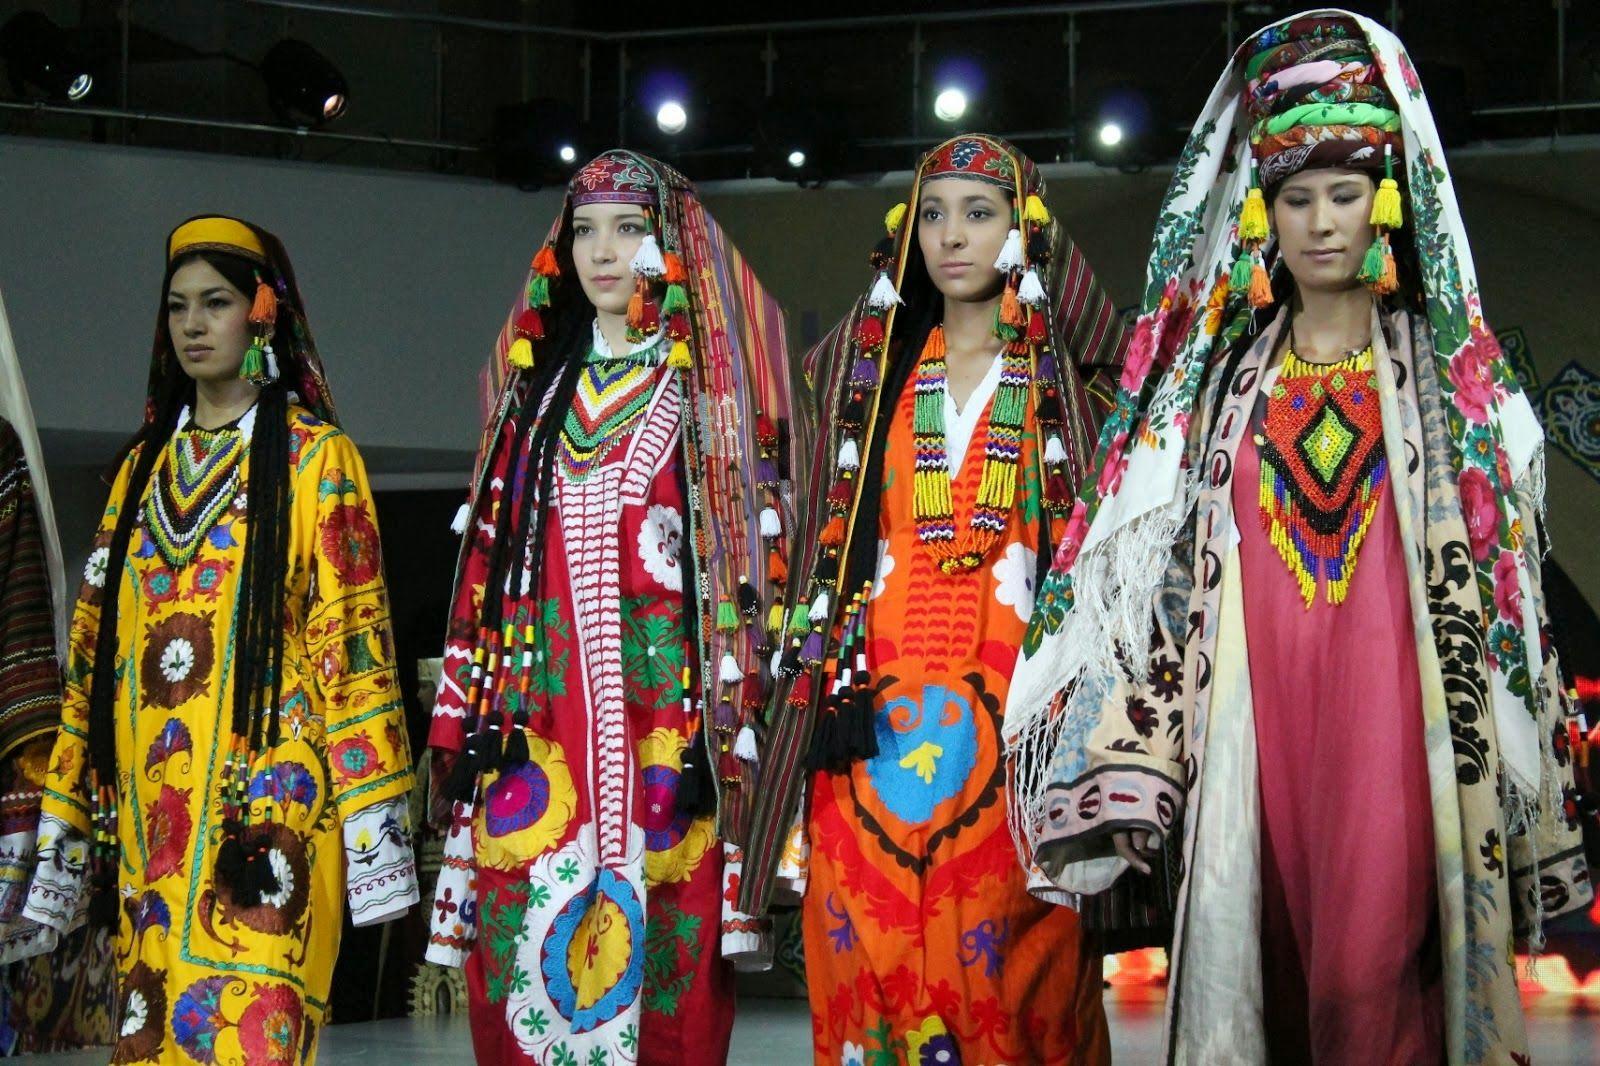 себе фото узбечек в национальных костюмах уверены